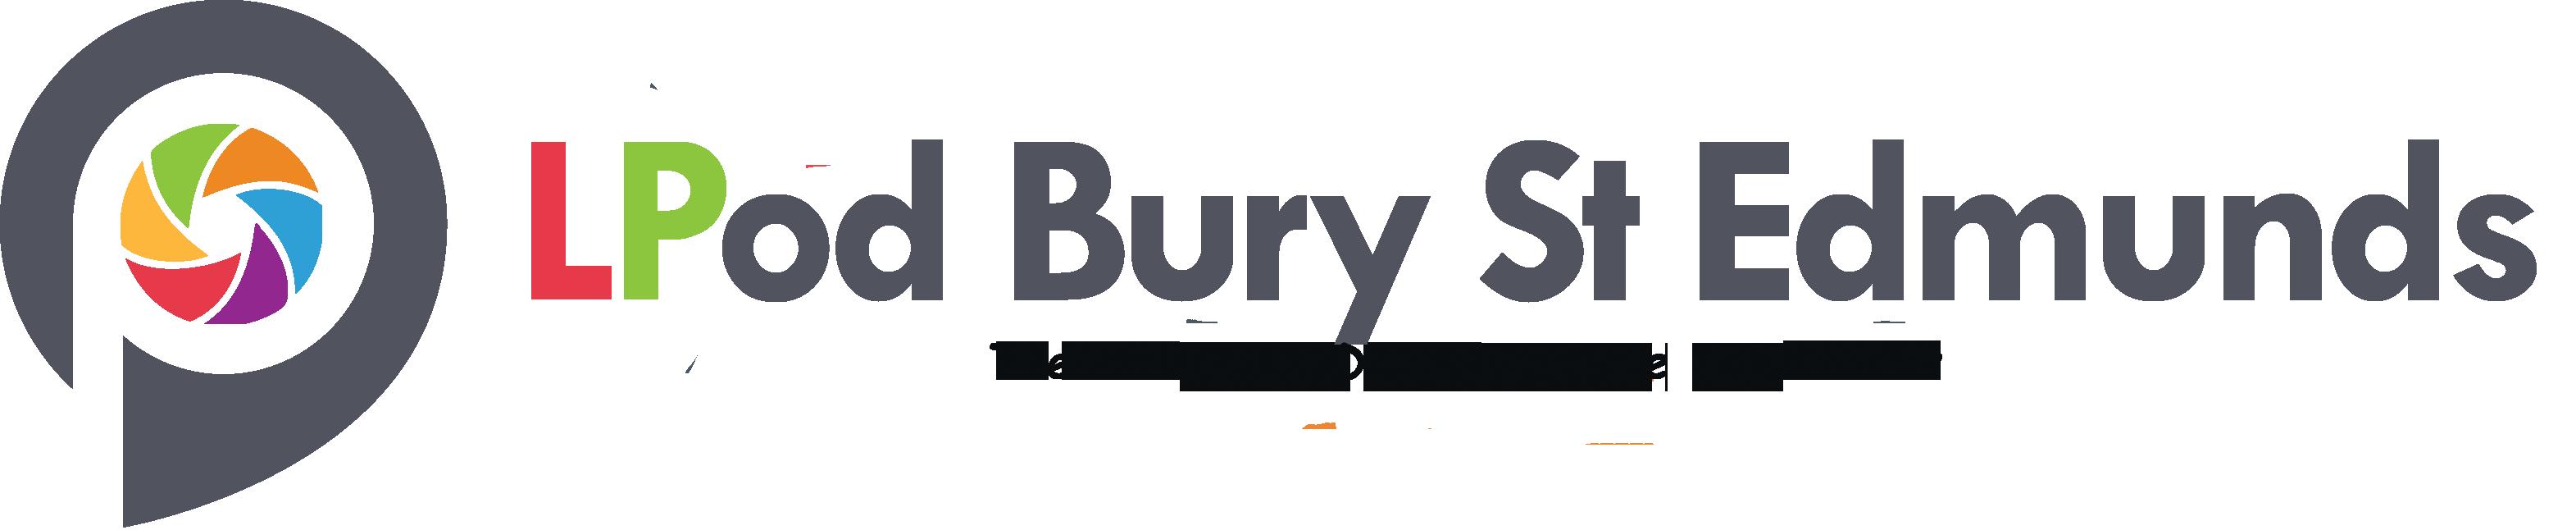 intensive driving courses bury st edmunds, driving lessons, intensive driving school bury st edmunds